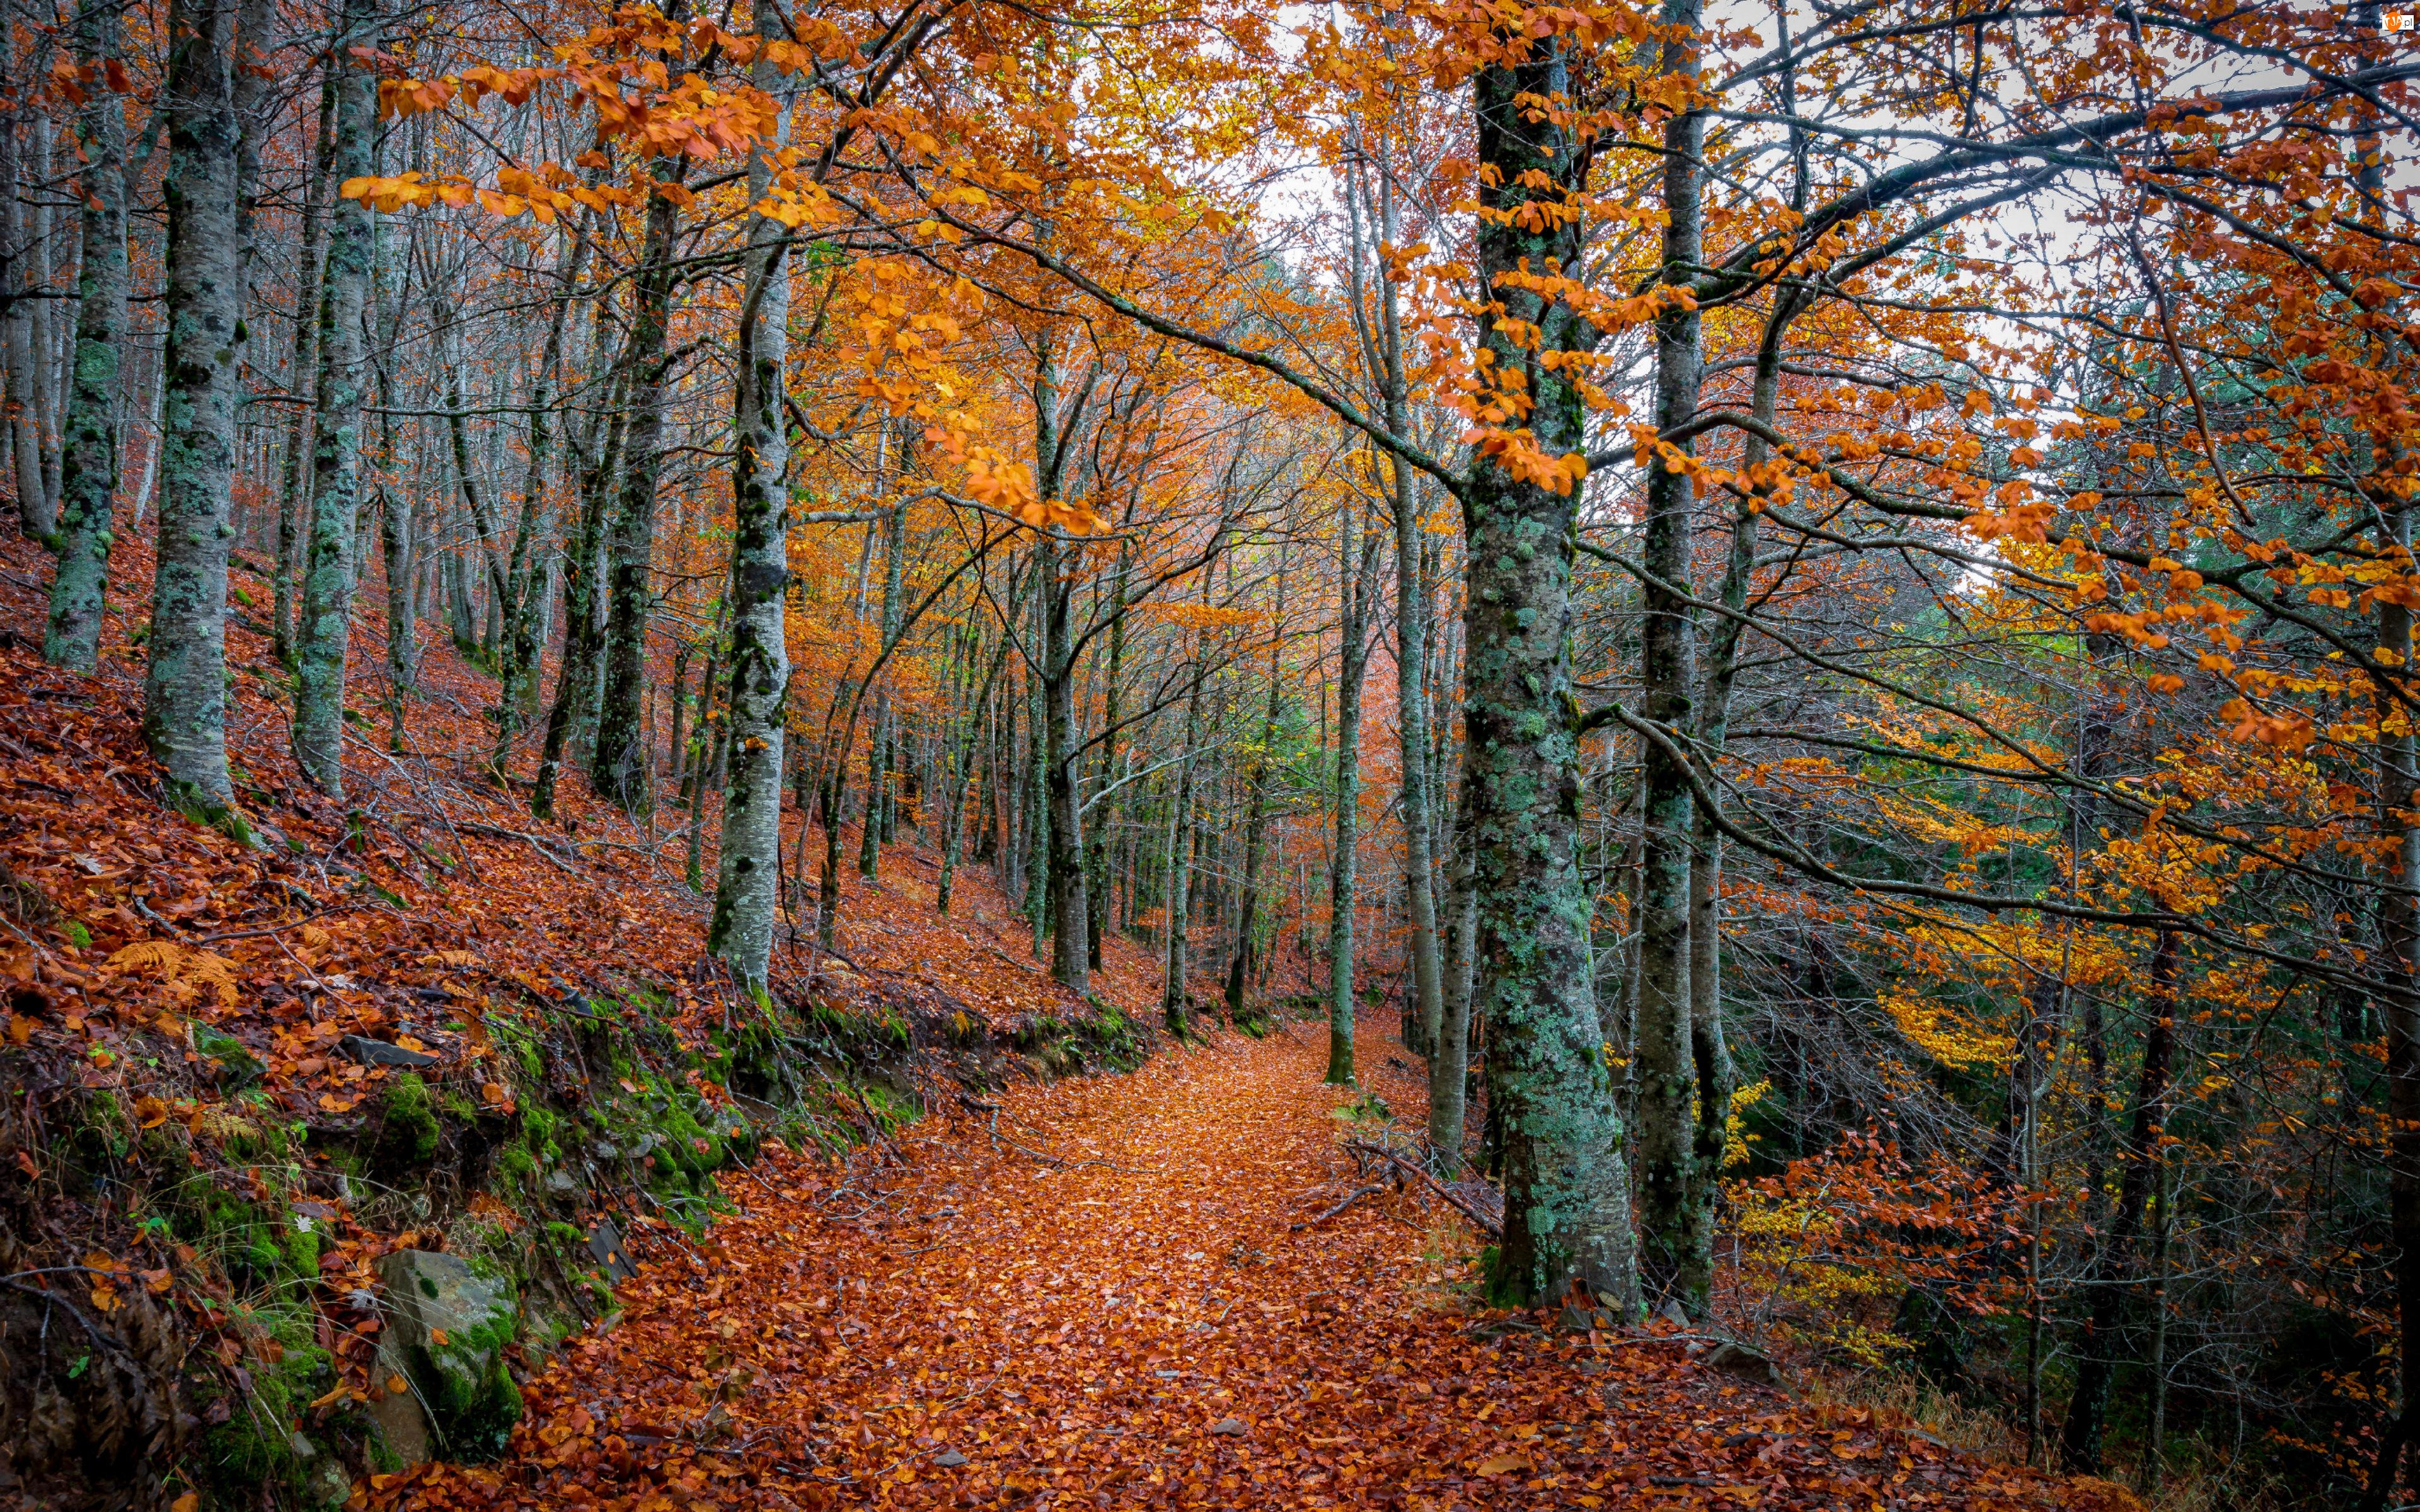 Ścieżka, Jesień, Drzewa, Las, Liście